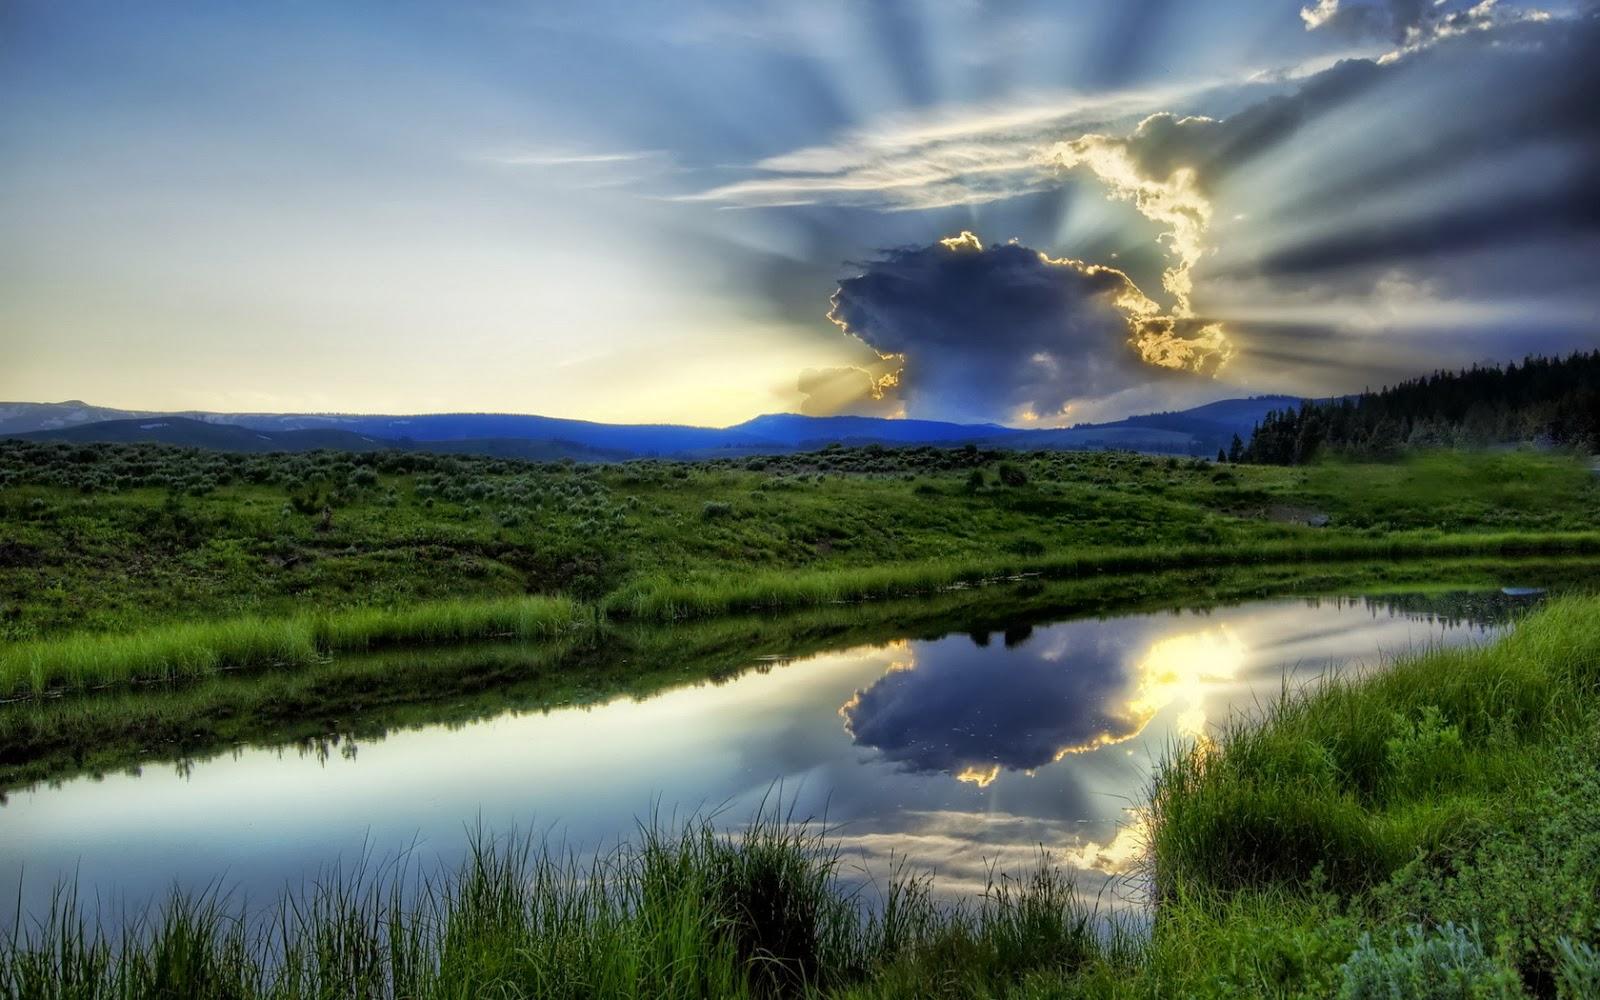 Imagenes De Paisajes Para Portada - Imagenes de lindo paisajes Imagenes Romanticas para